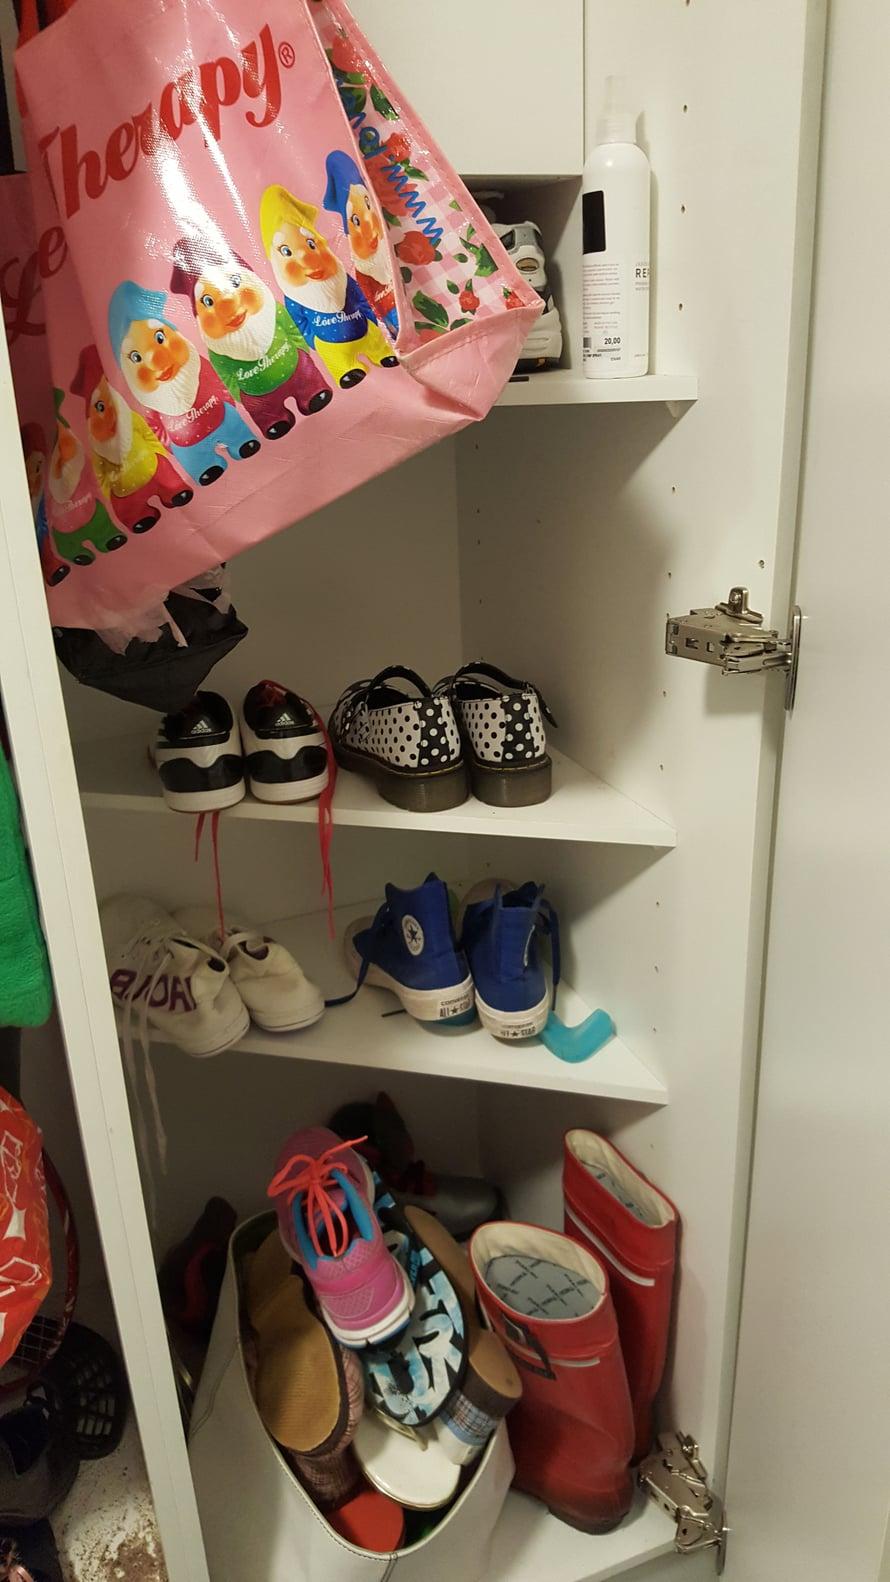 Siivouskaapista tuli kenkäkaappi, jossa imurille ei ole sijaa. Sen on siis lojuttava toisaalla, vaikka olkkarin lattialla.